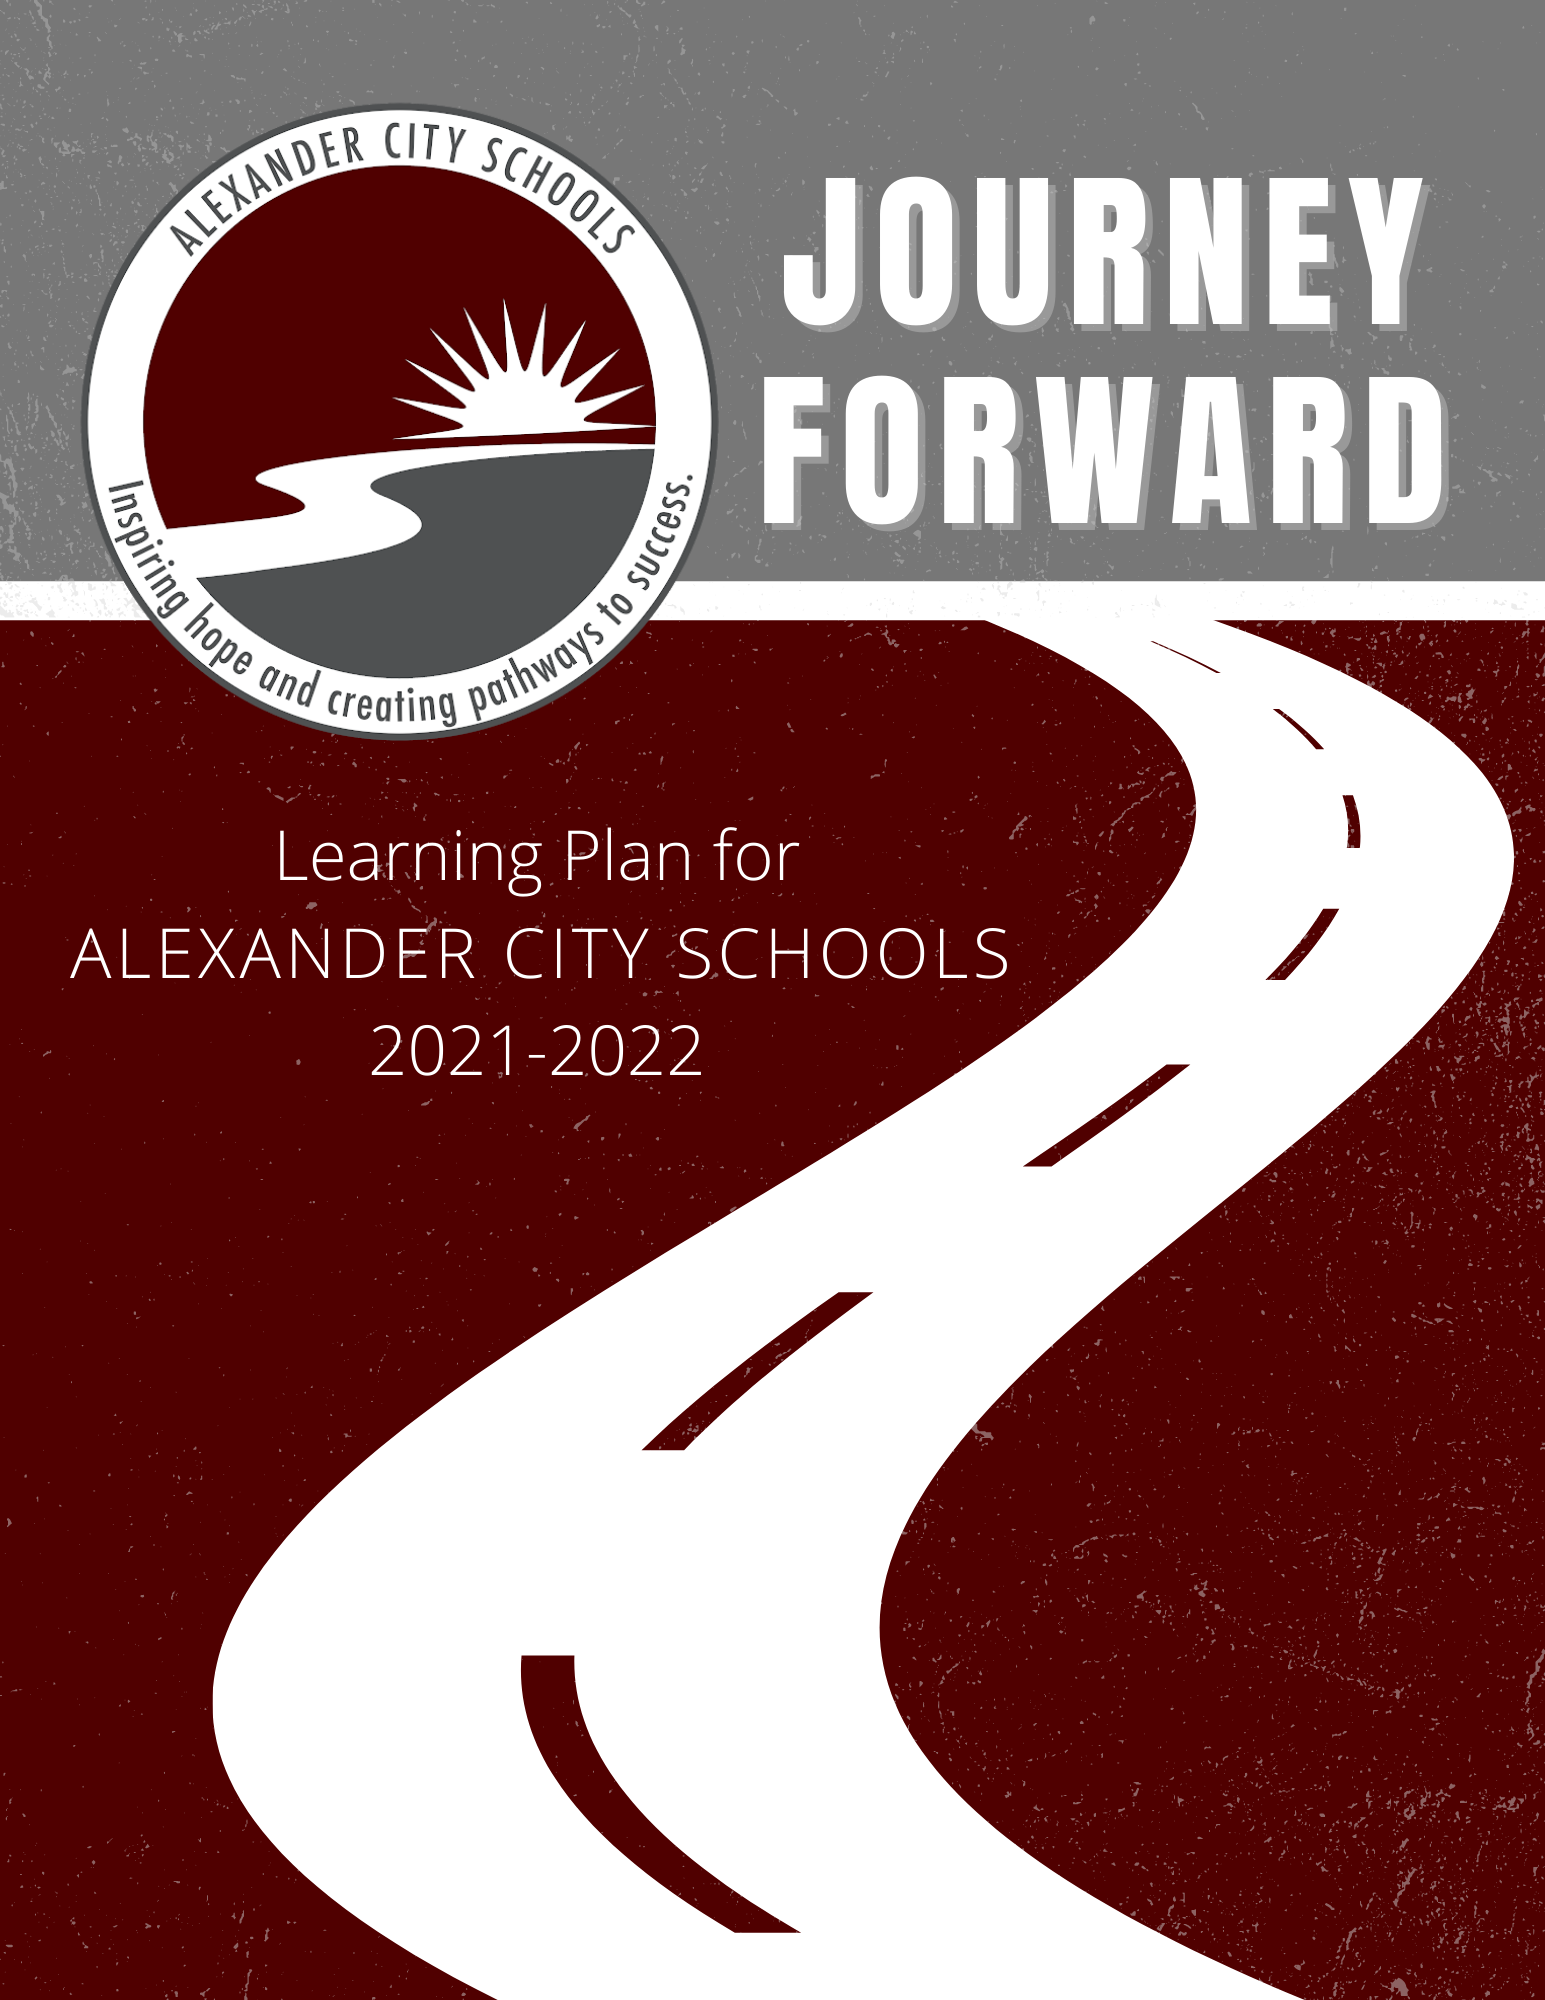 Journey Forward Forward Plan 2021-2022